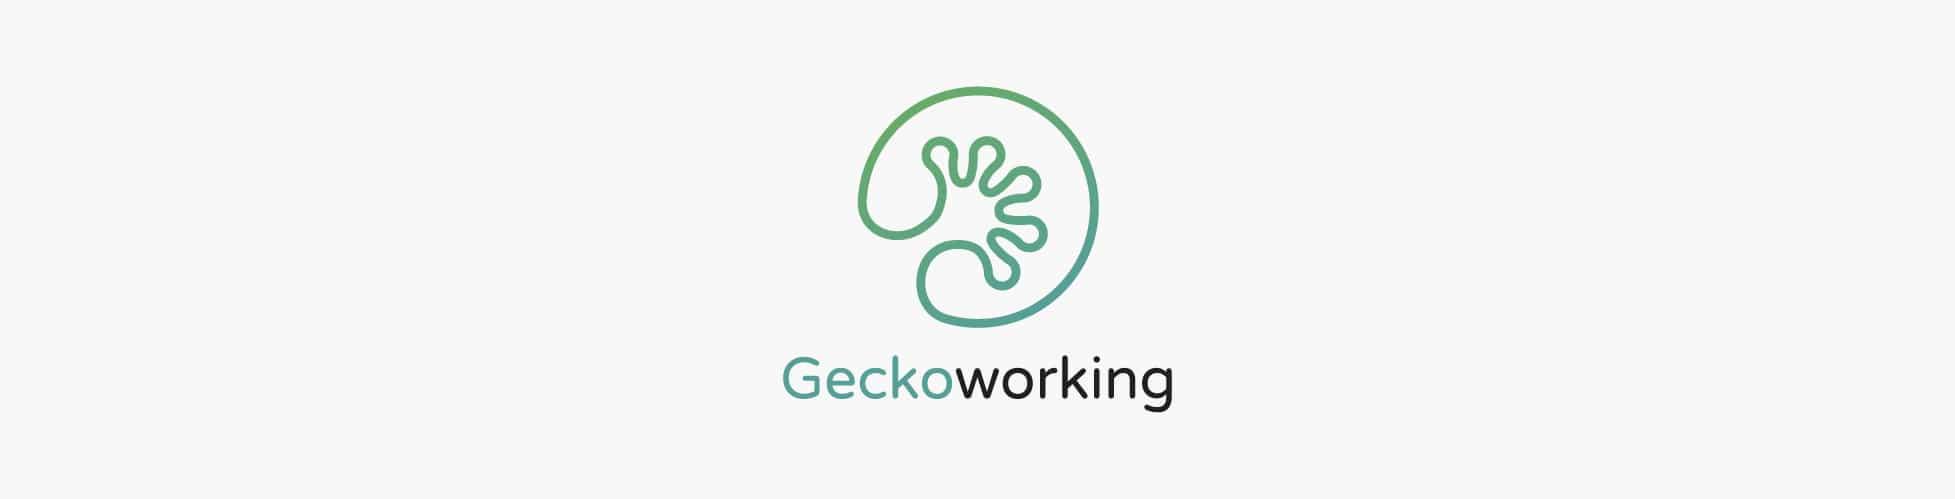 Design du logo Geckoworking & création de gammes couleurs, coworking Toulouse